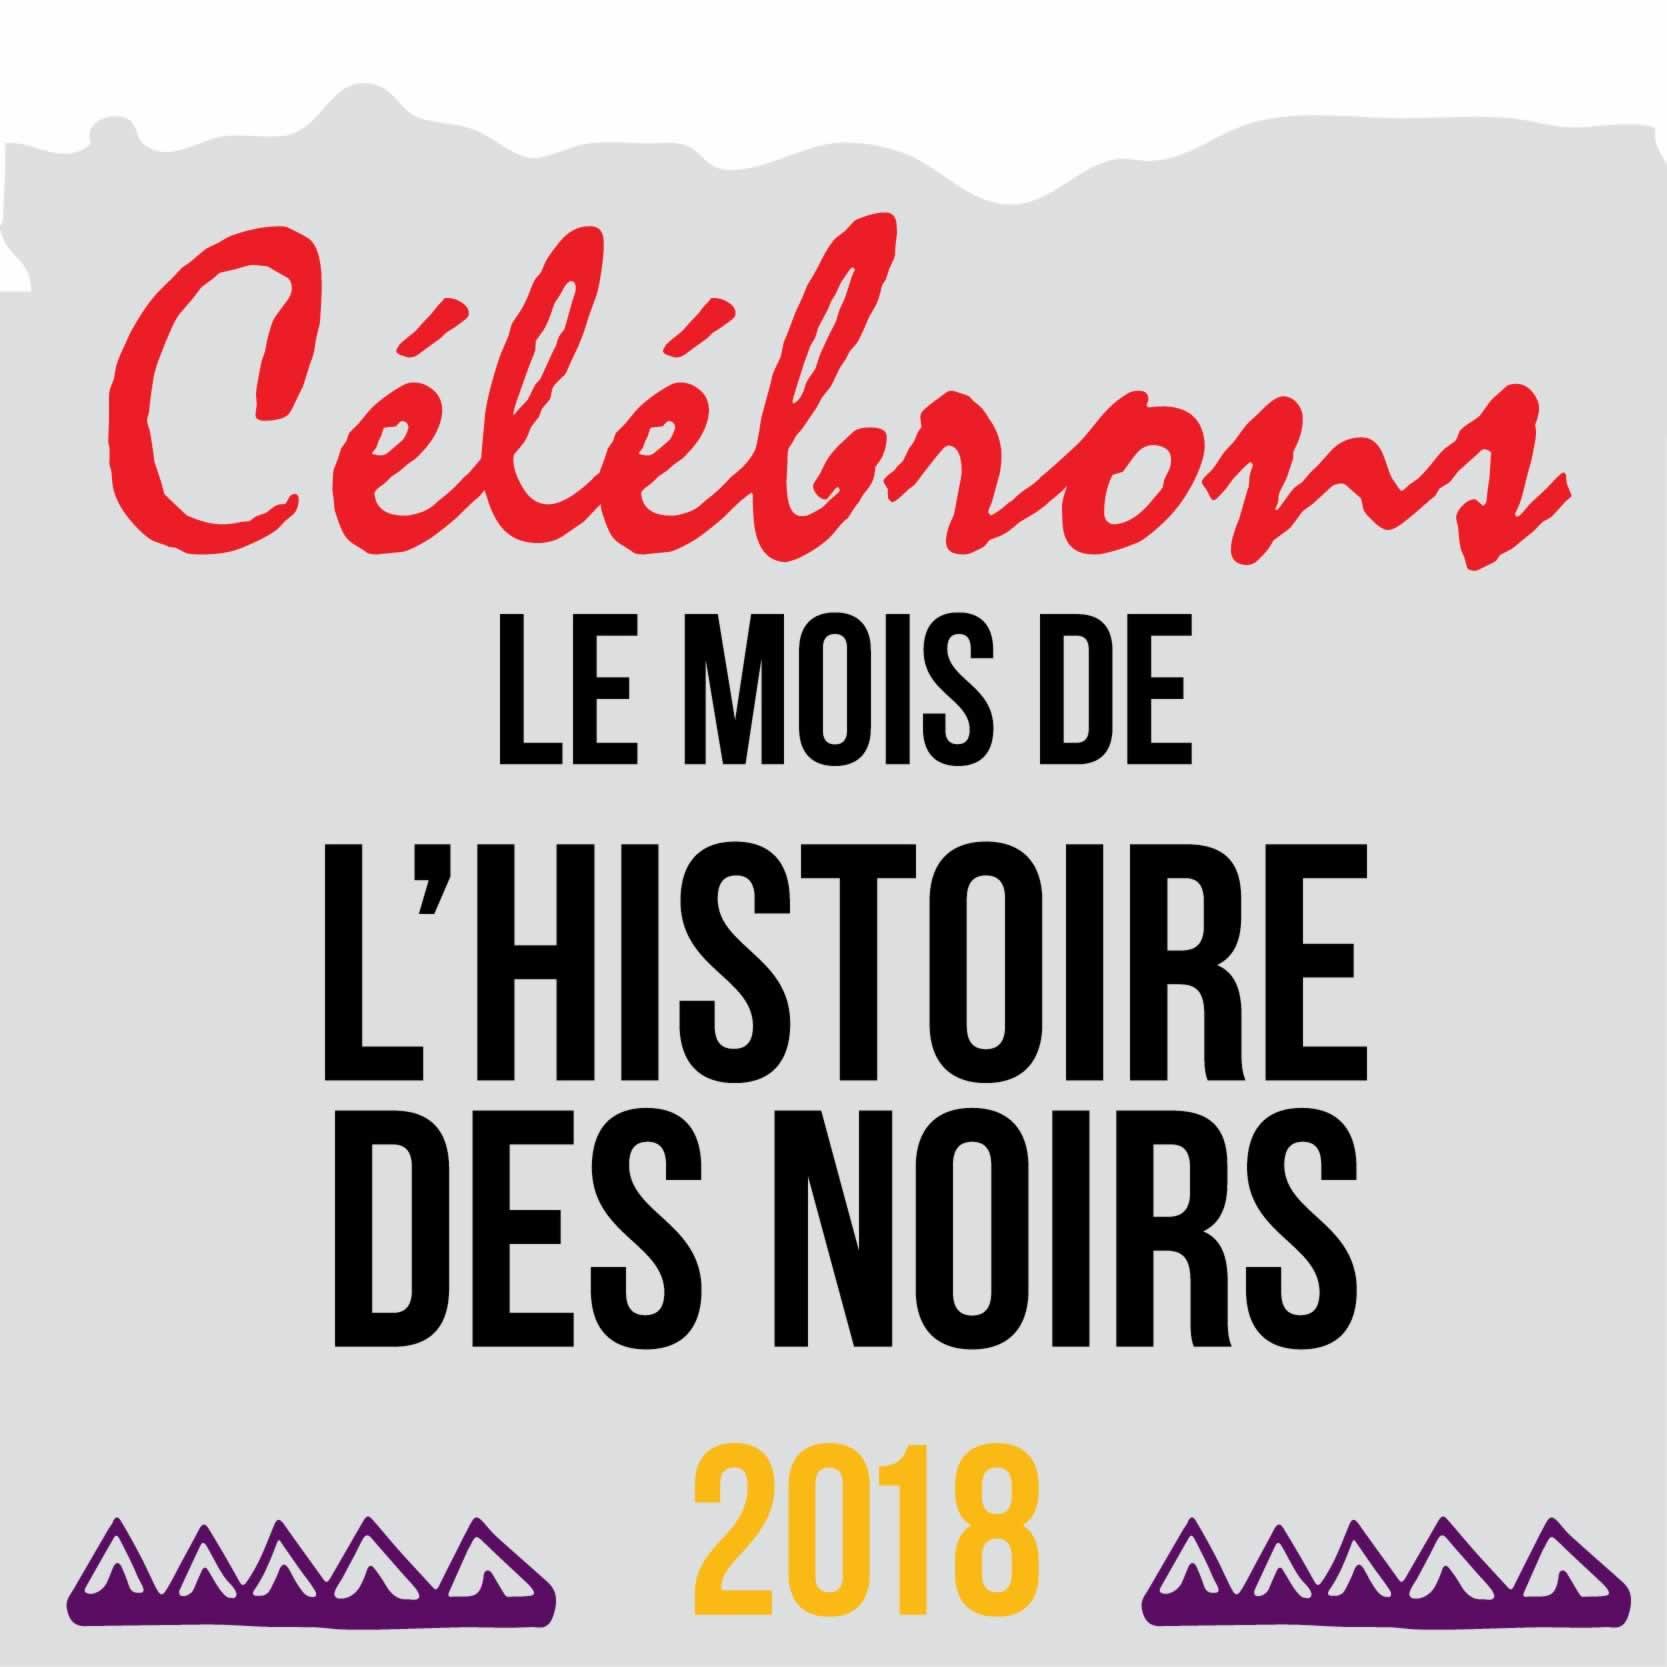 Celebrons le mois de l'histoire des noirs 2018